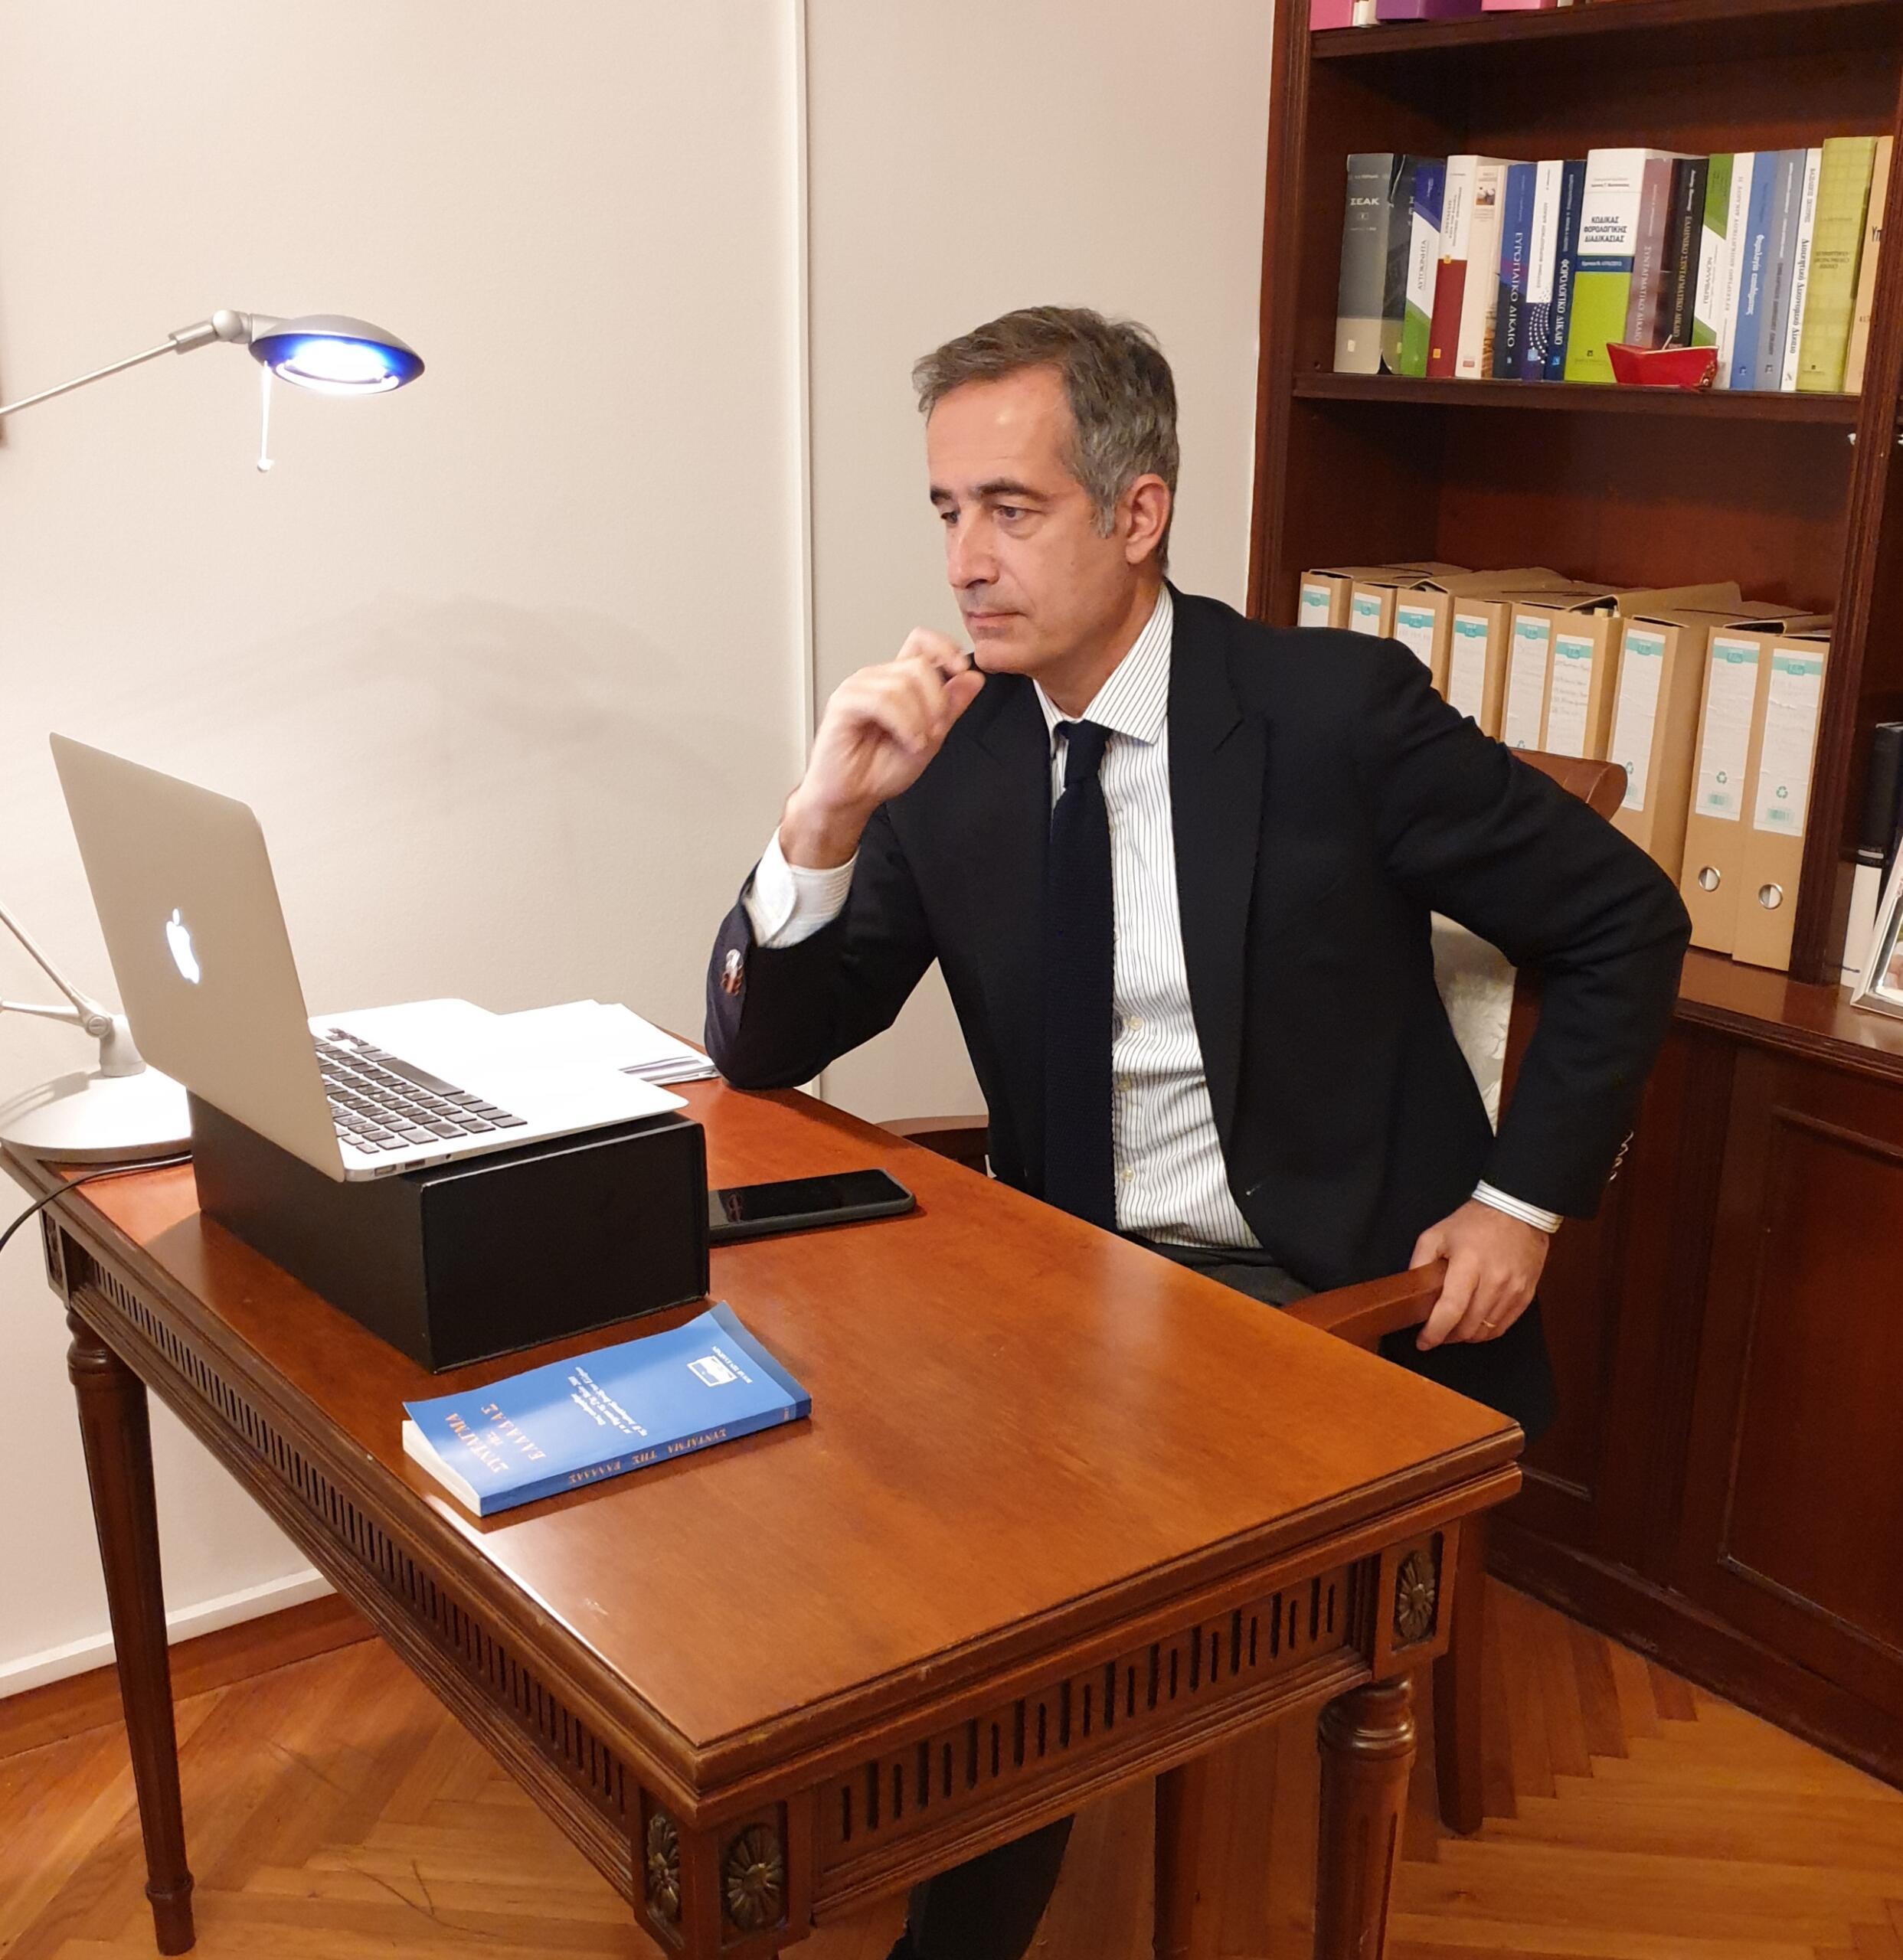 Παρέμβαση του βουλευτή Π.Ε. Κοζάνης Στάθη Κωνσταντινίδη για υποστήριξη κατά προτεραιότητα της Δυτική Μακεδονία και της έννοιας της Δίκαιης Μετάβασης και ιδίως της εστίασης